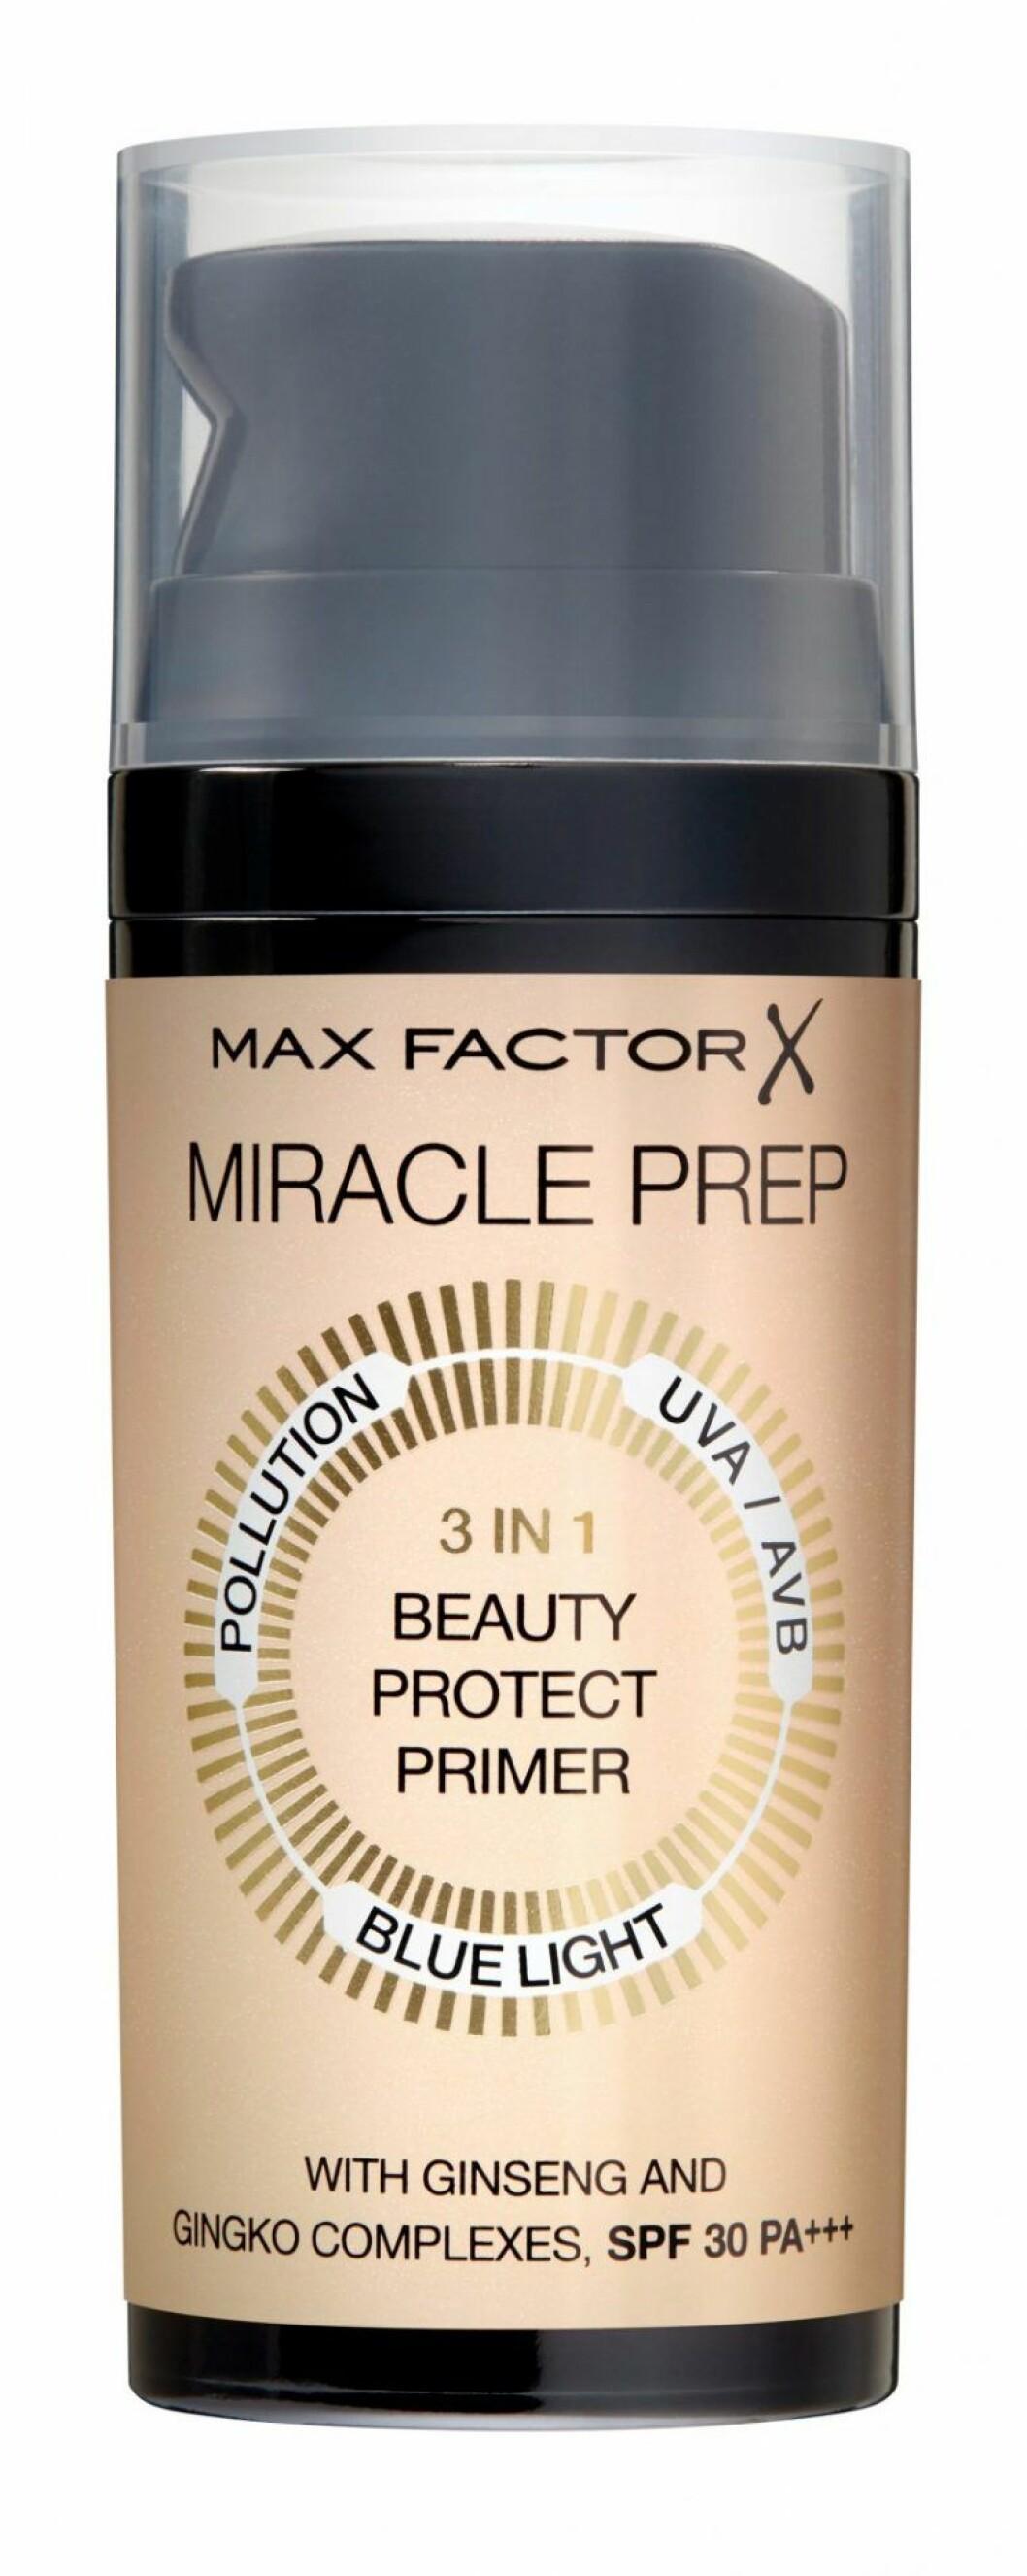 Miracle prep primer från Max Factor, årets bästa basmakeup